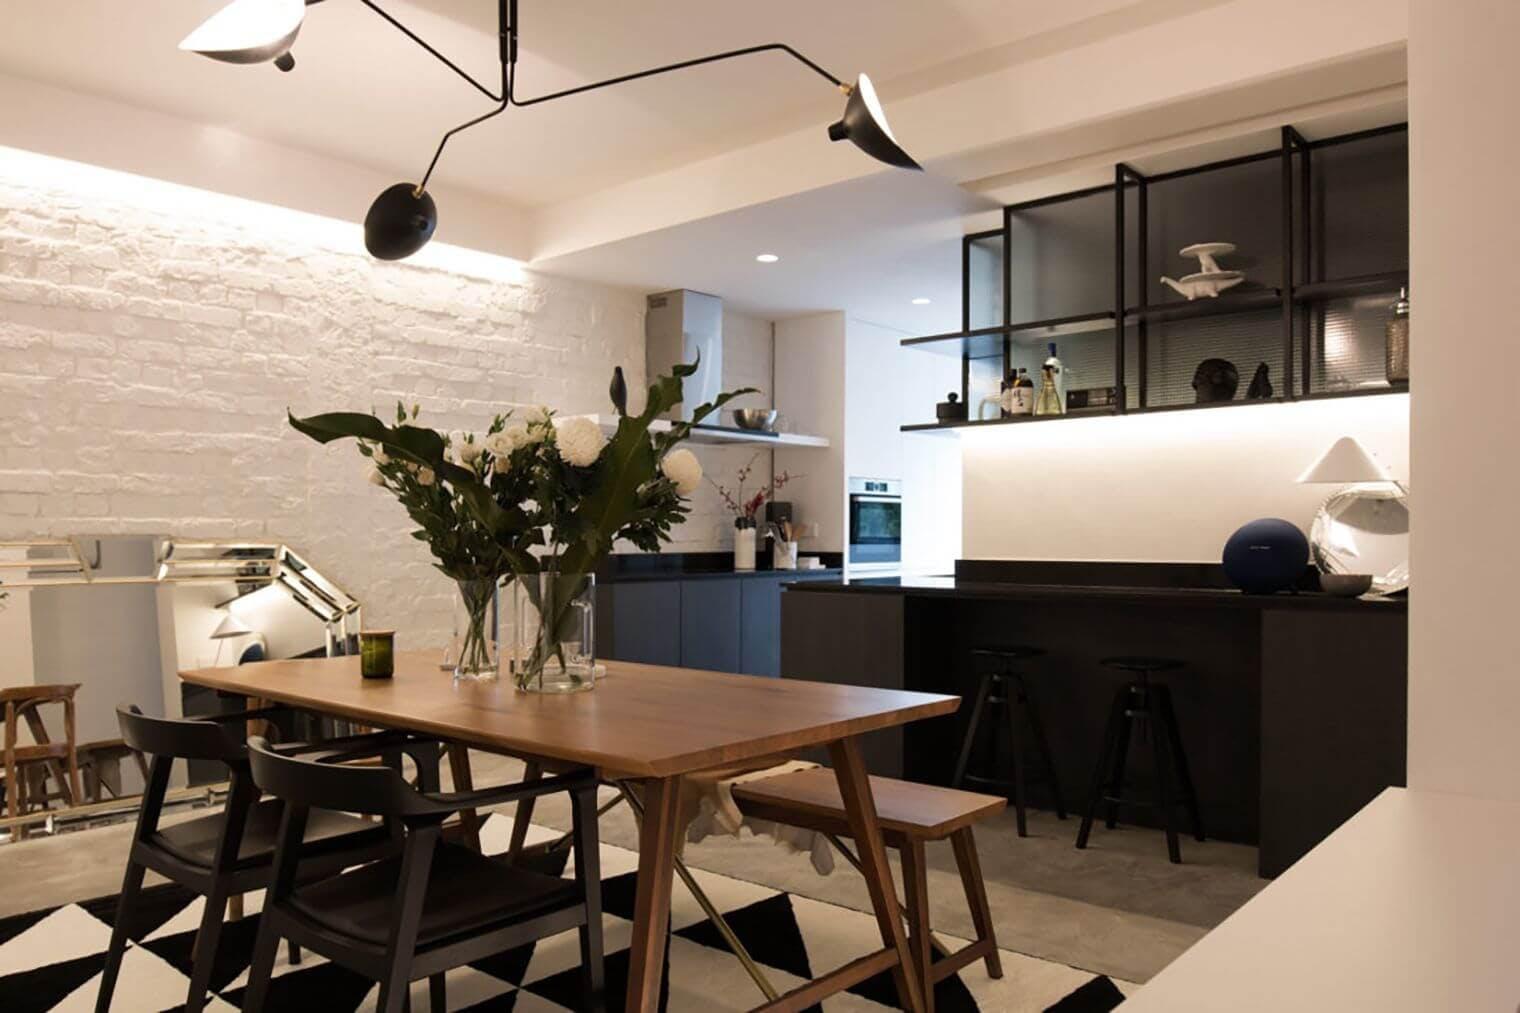 Salle à manger rénovée avec déco moderne